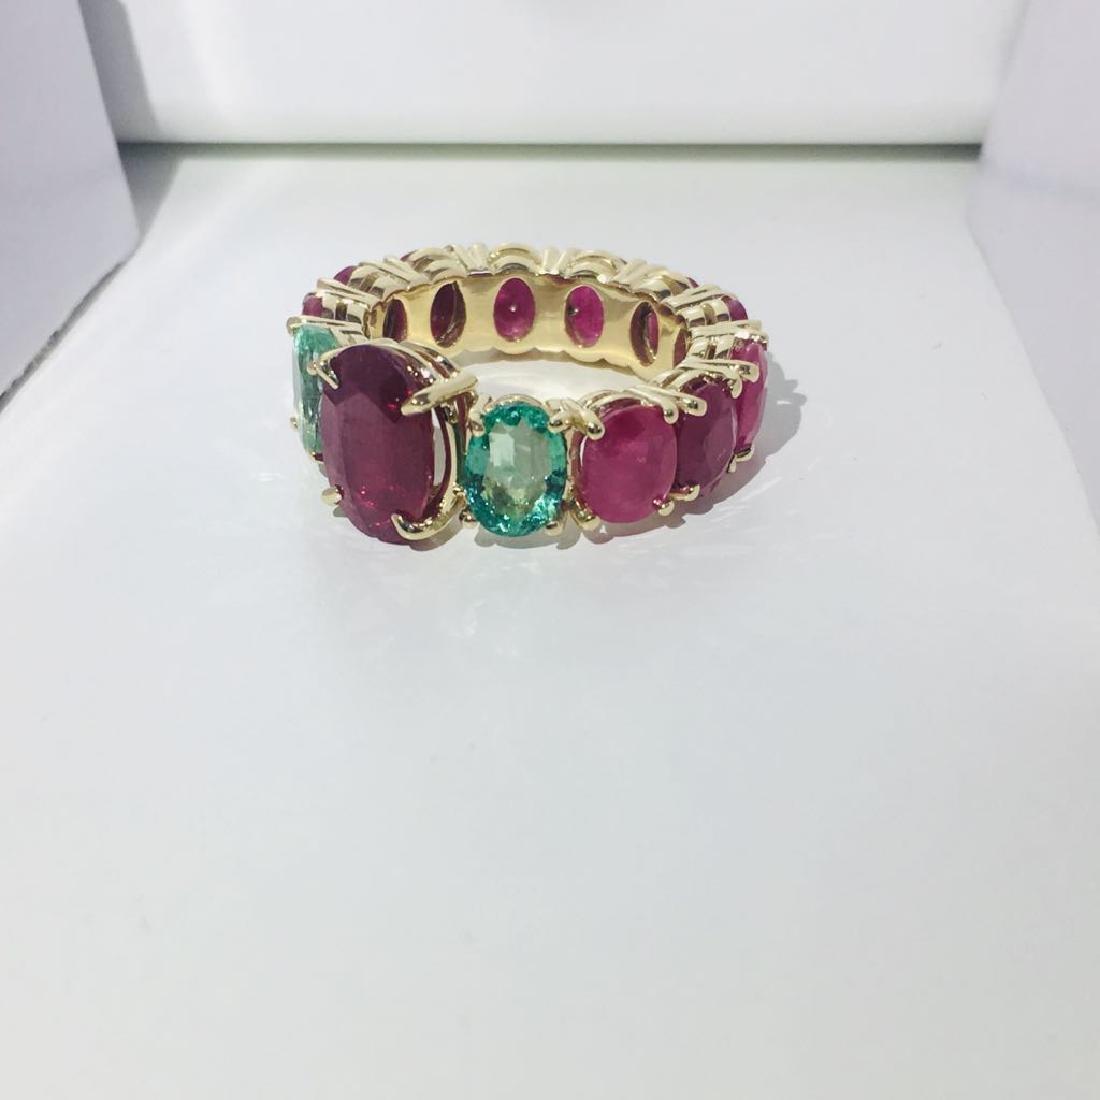 12.70 TCW ruby & emerald gemstone; 14k gold ring - 2